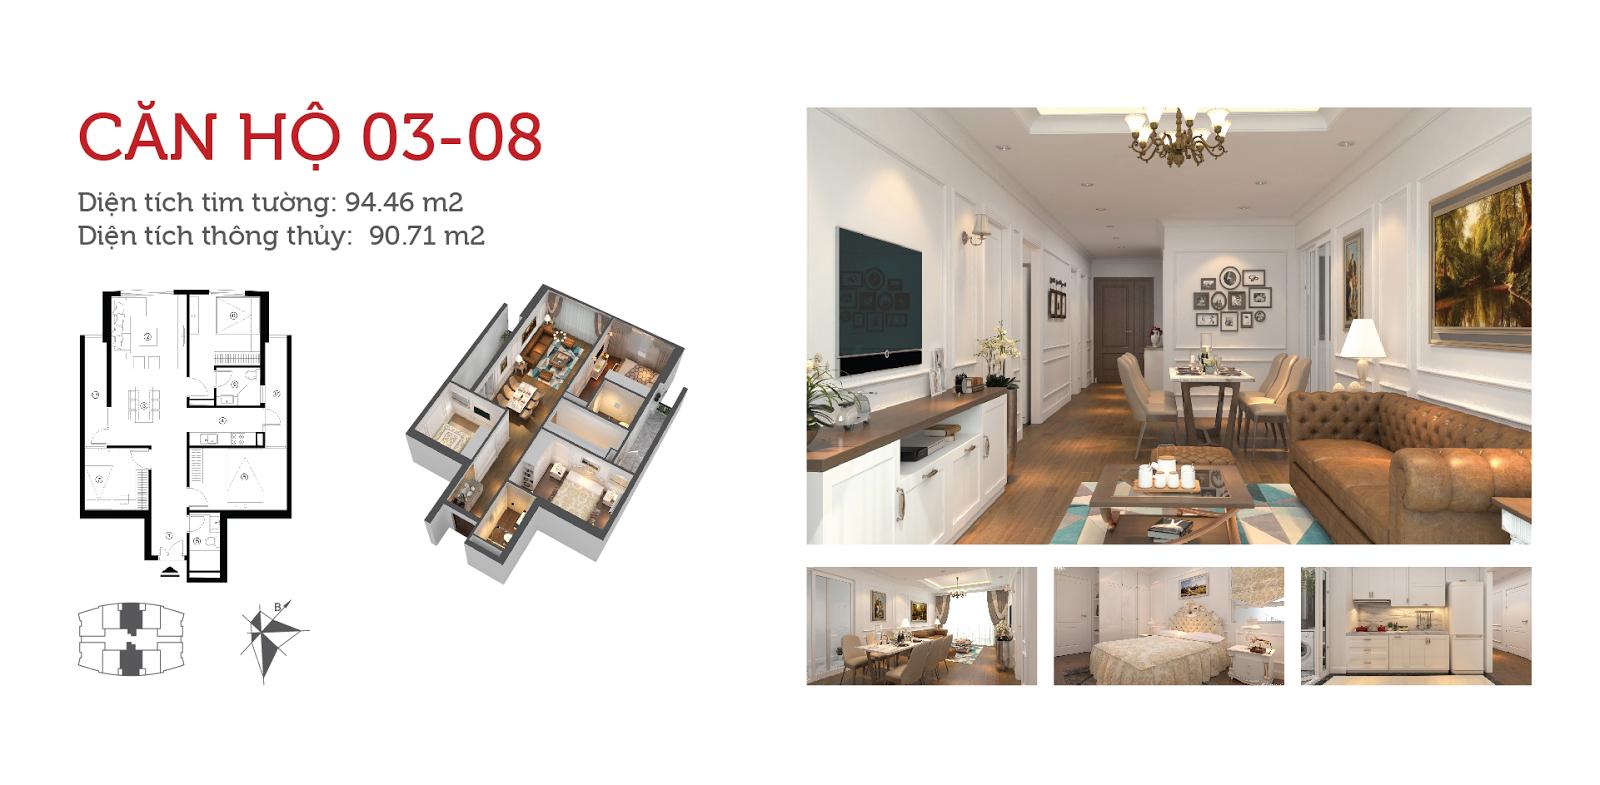 Chi tiết căn hộ dự án Imperial Plaza Giai Phong